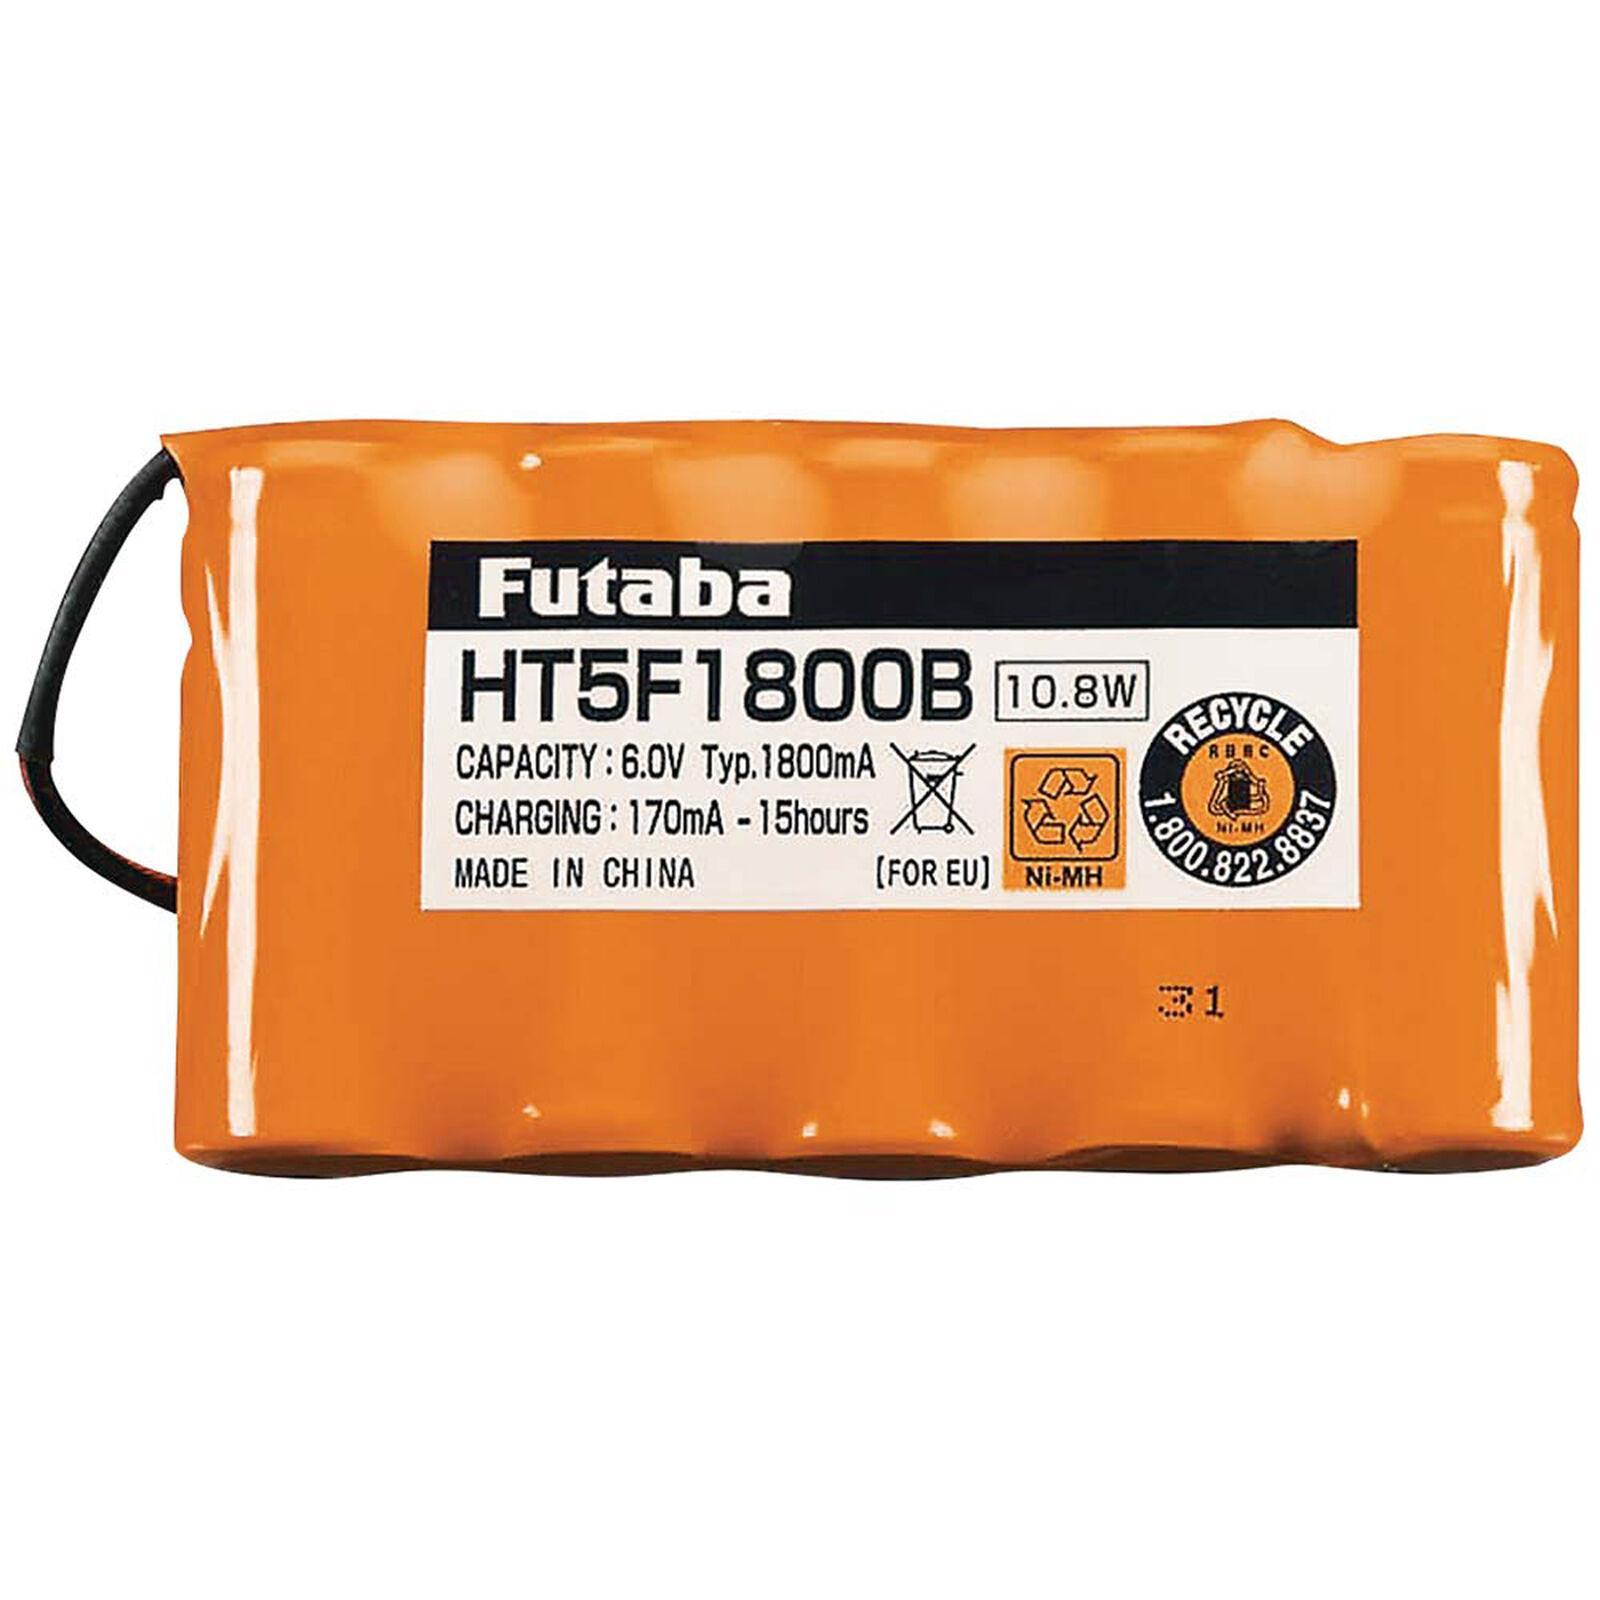 HT5F1800B NiMH Transmitter Battery 4PX 14SG